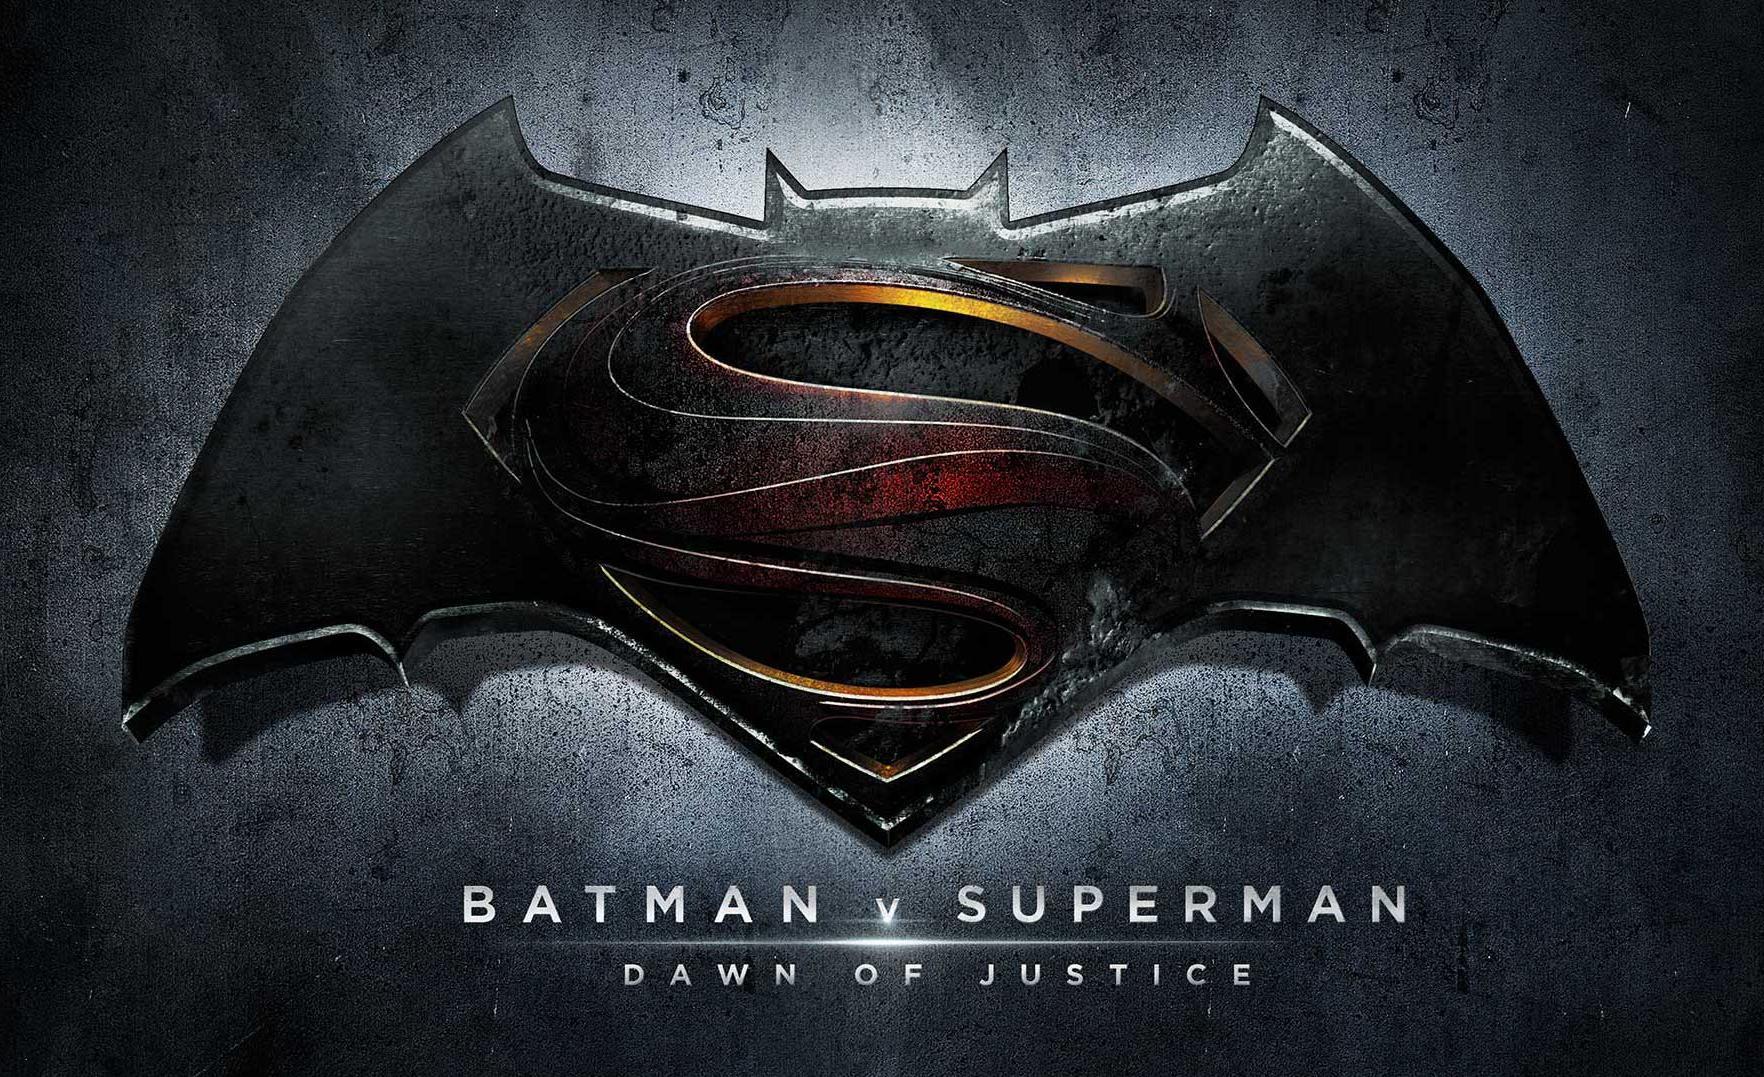 http://es.batman.wikia.com/wiki/Batman_v_Superman:_Dawn_of_Justice